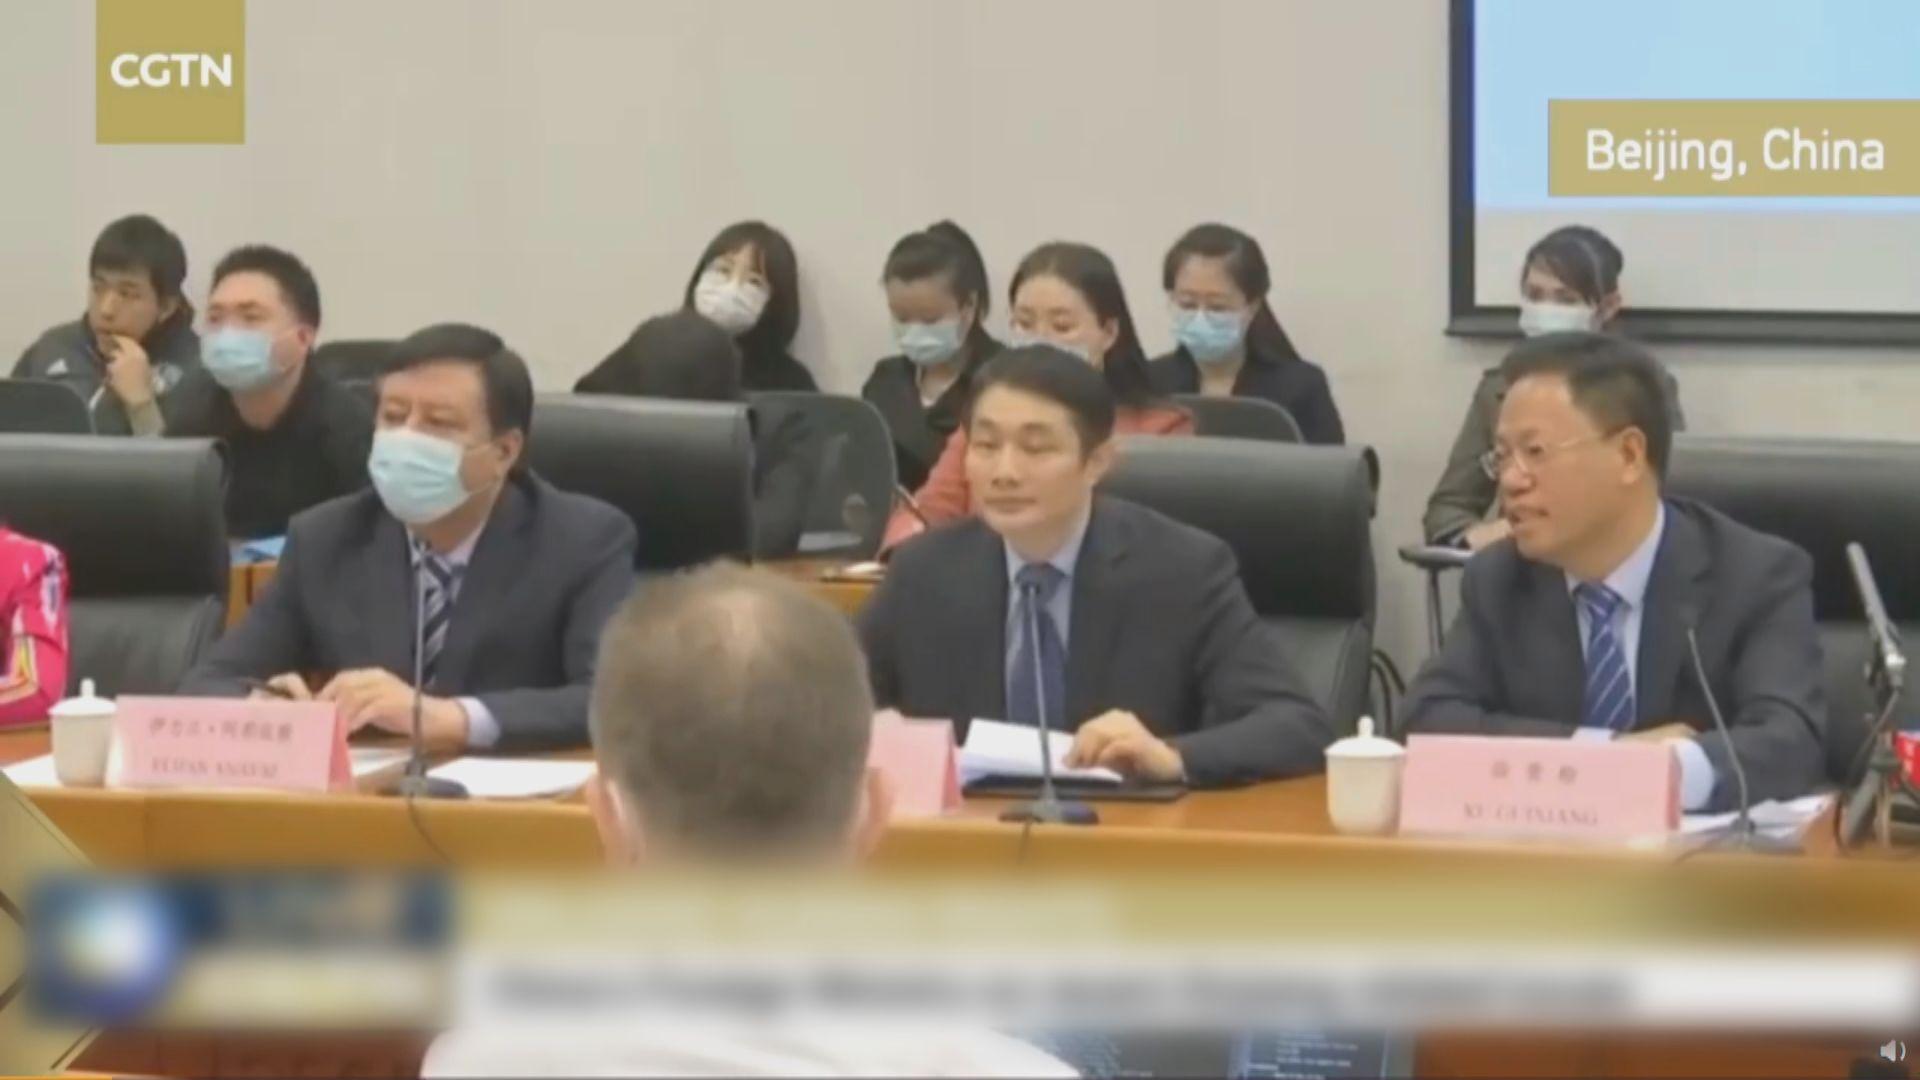 新疆官員斥西方圖製造所謂「種族滅絕」問題阻中國發展